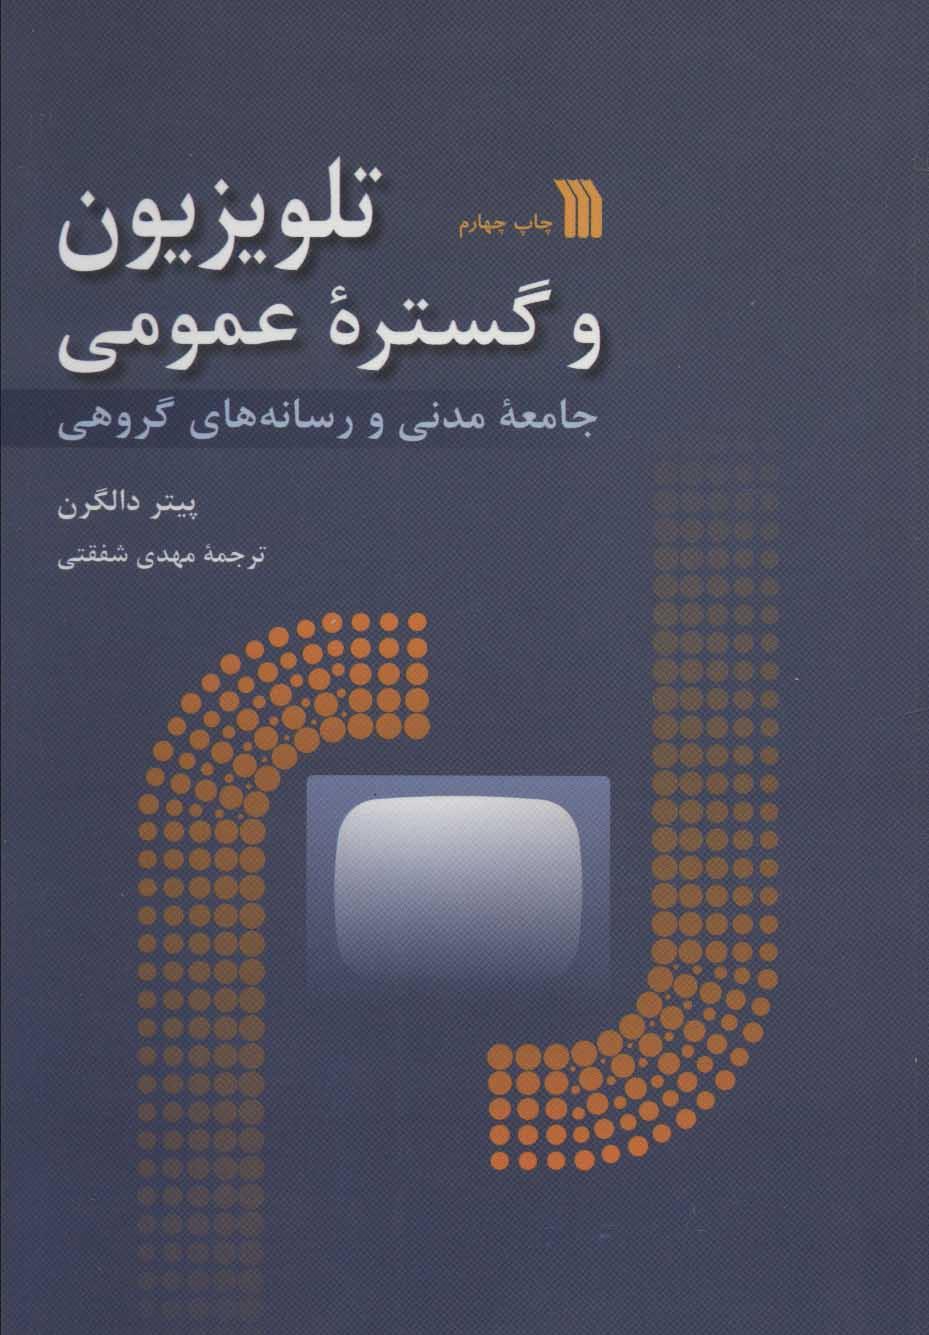 کتاب تلویزیون و گستره عمومی